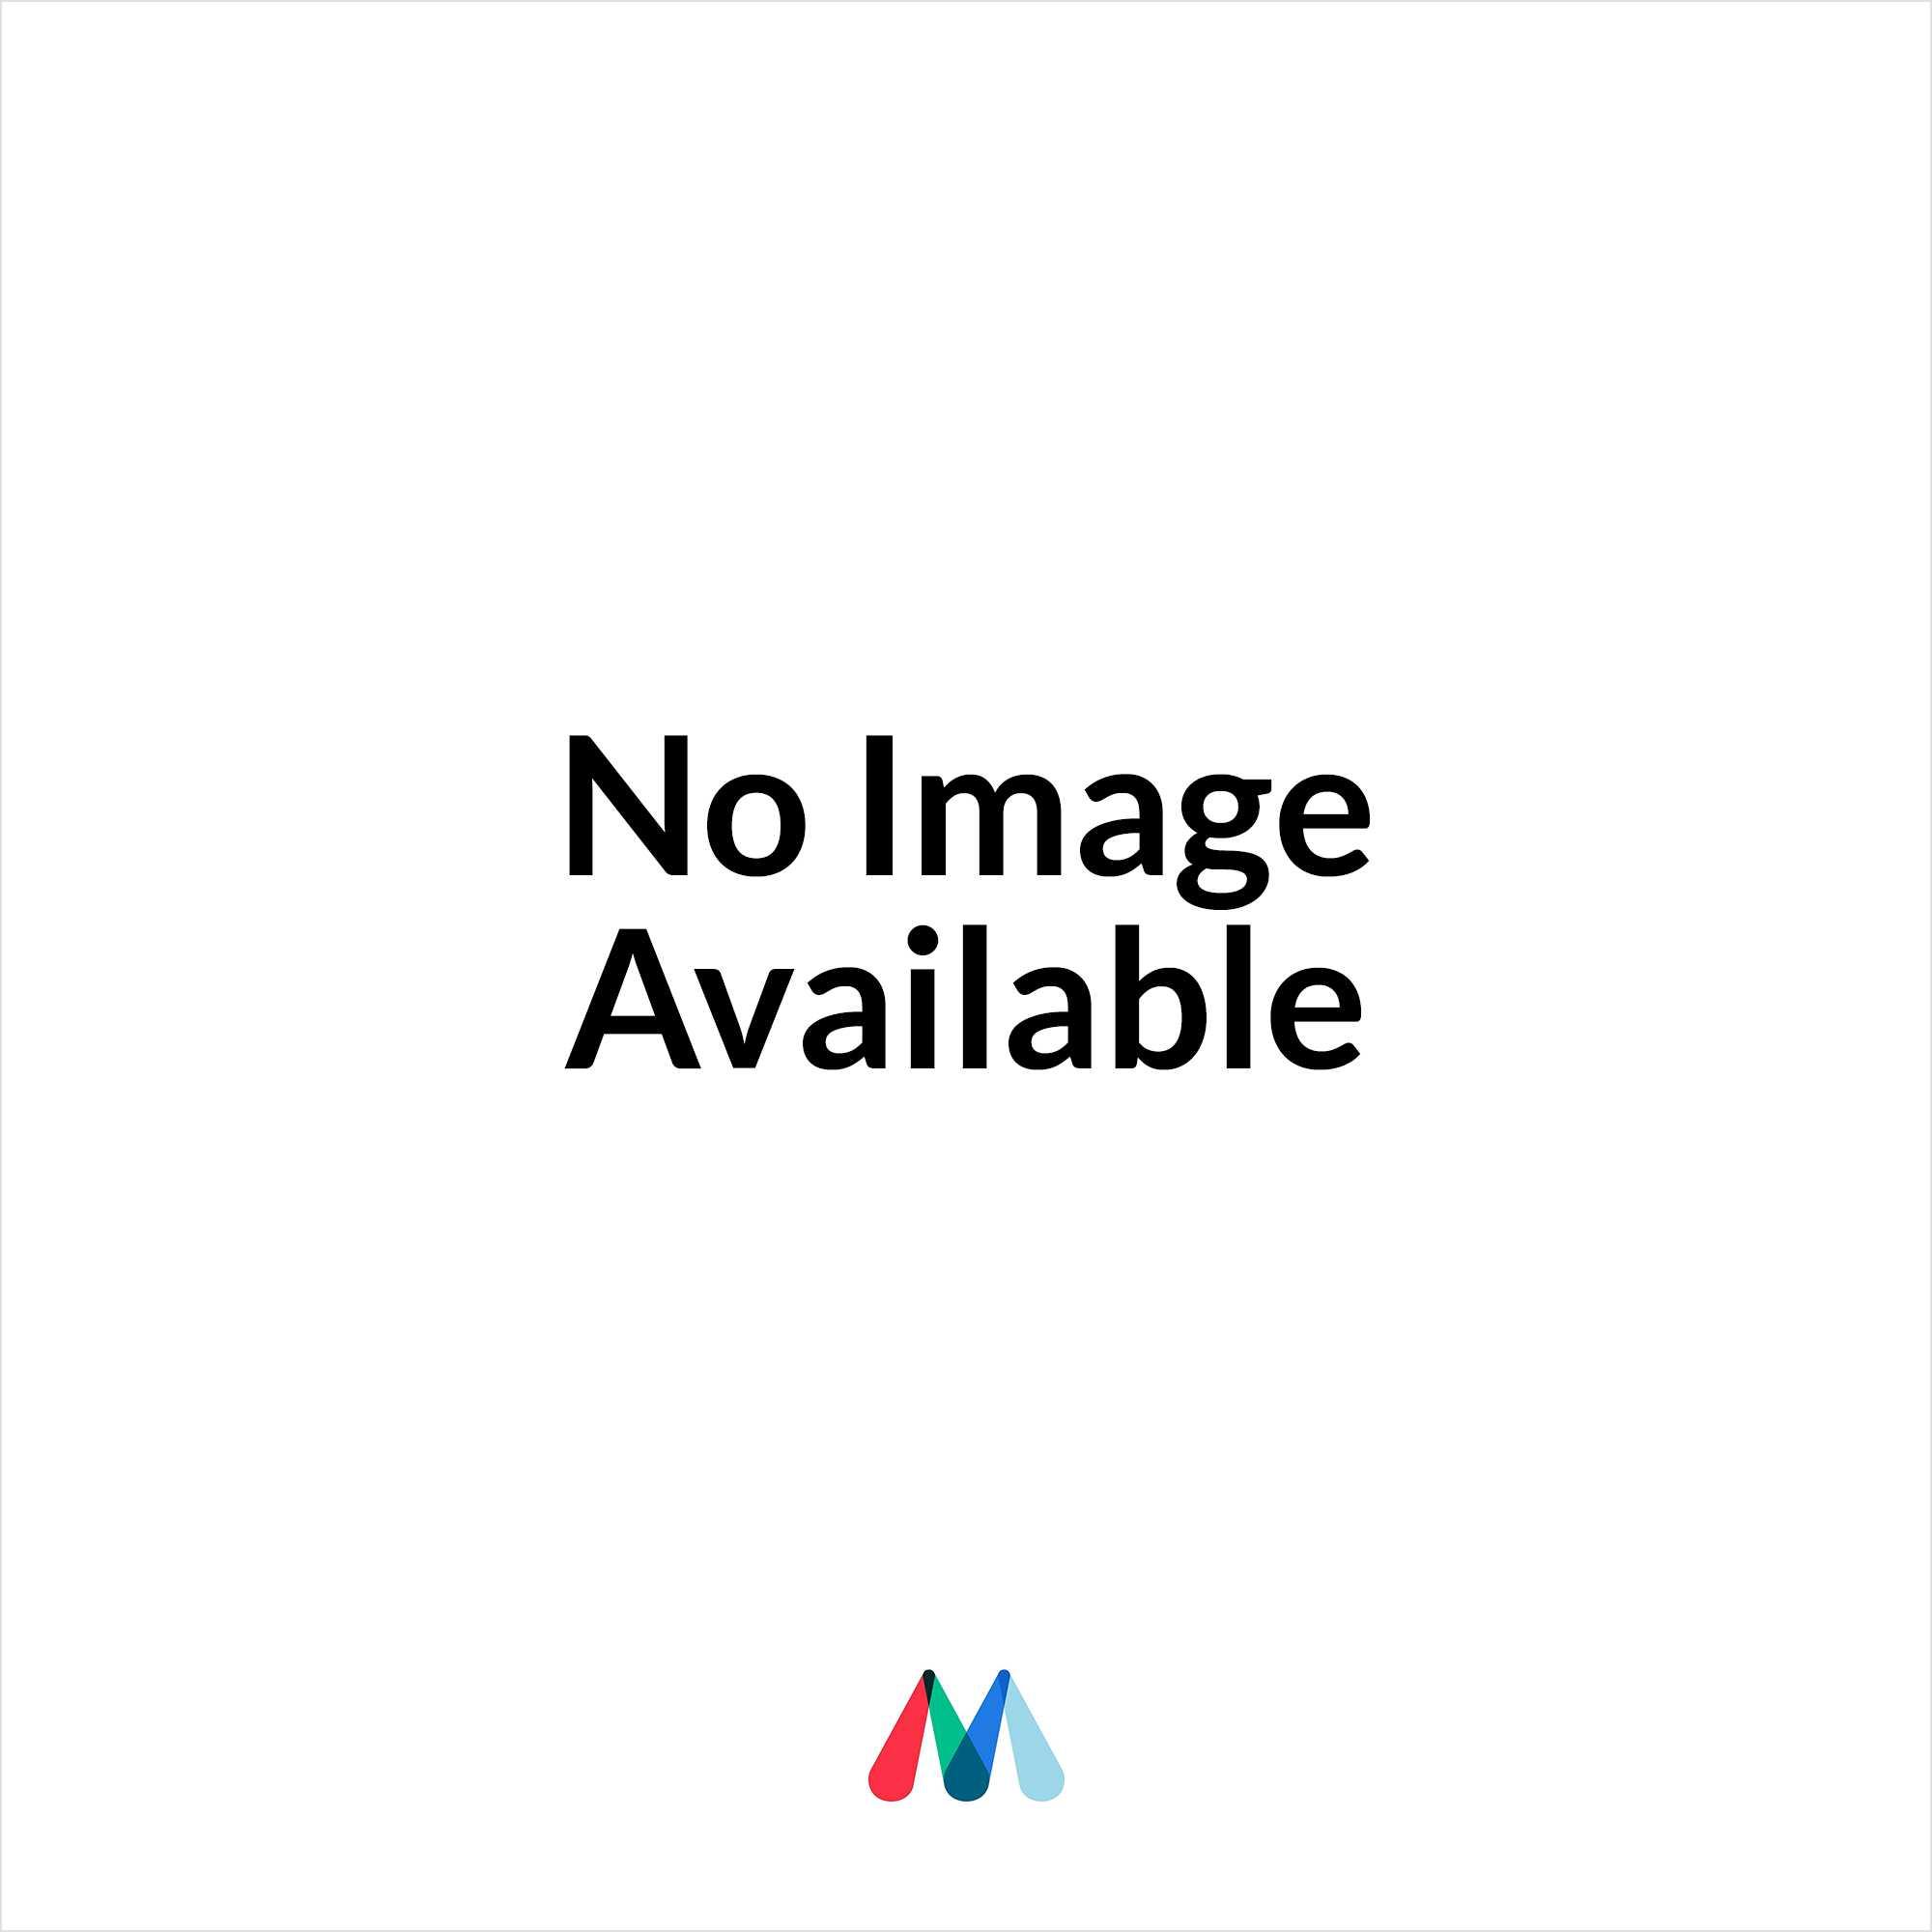 Collingwood Lighting MS02 IP adjustable LED mini light - Stainless steel - Low voltage